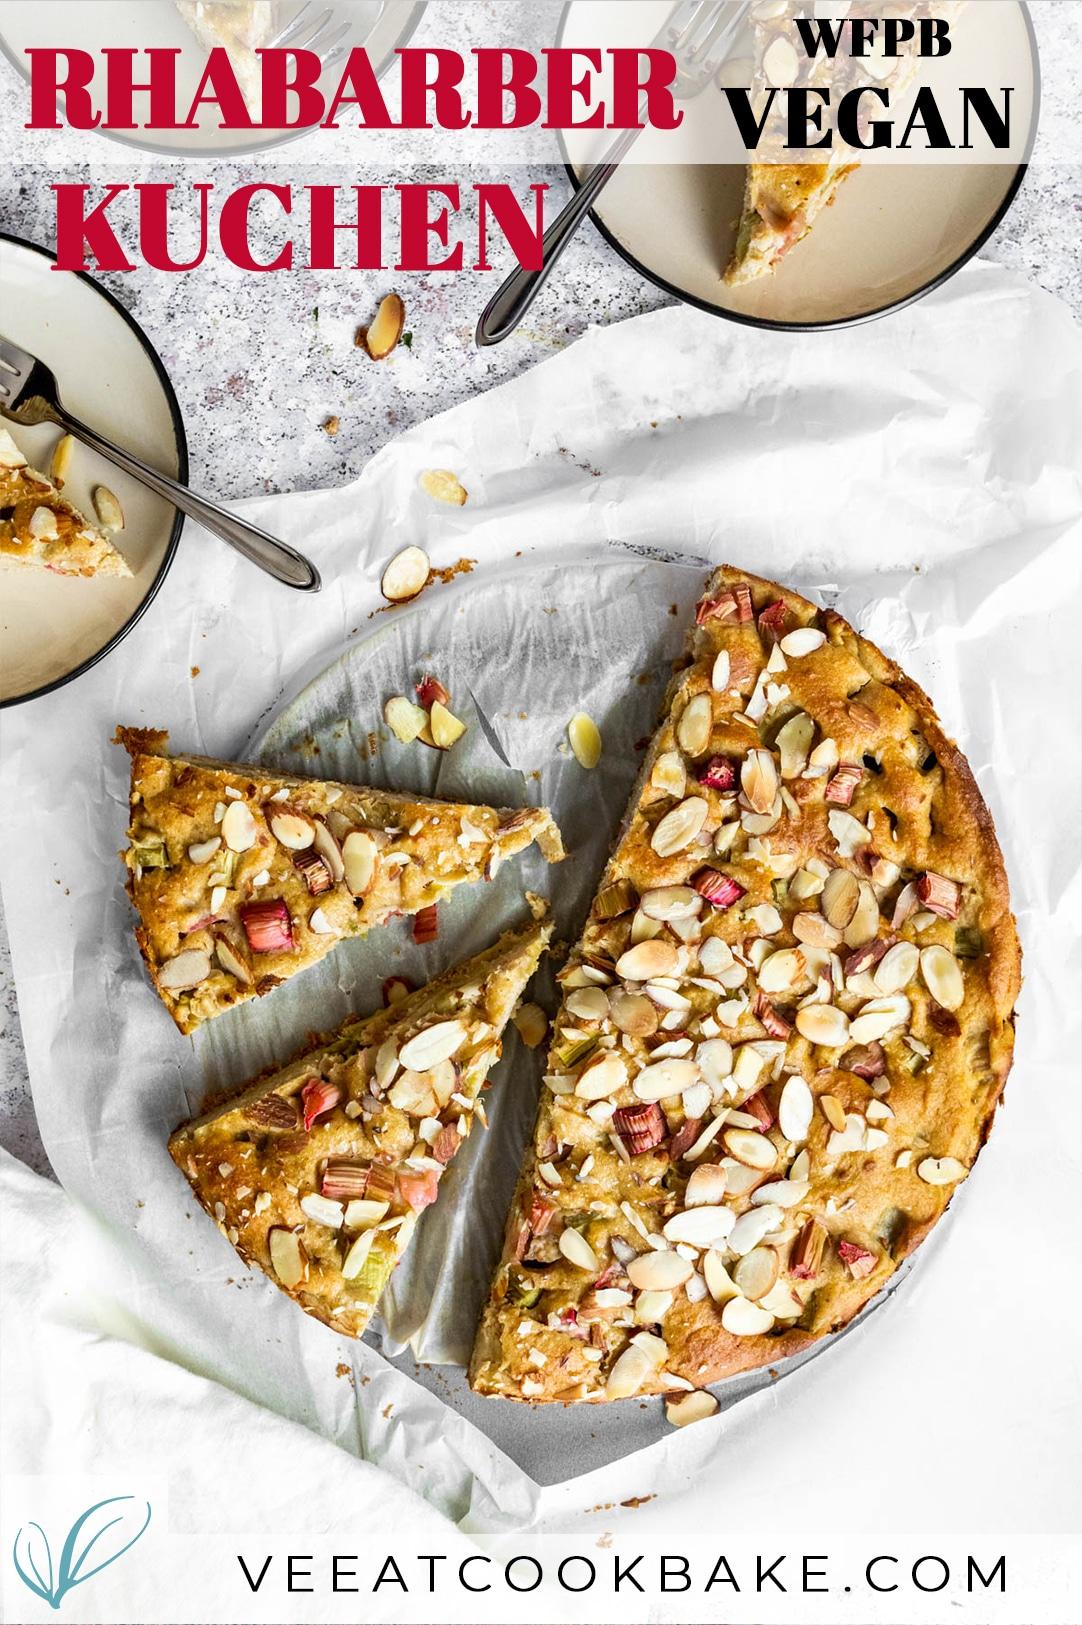 Veganer Rhabarberkuchen Fotografie mit Text